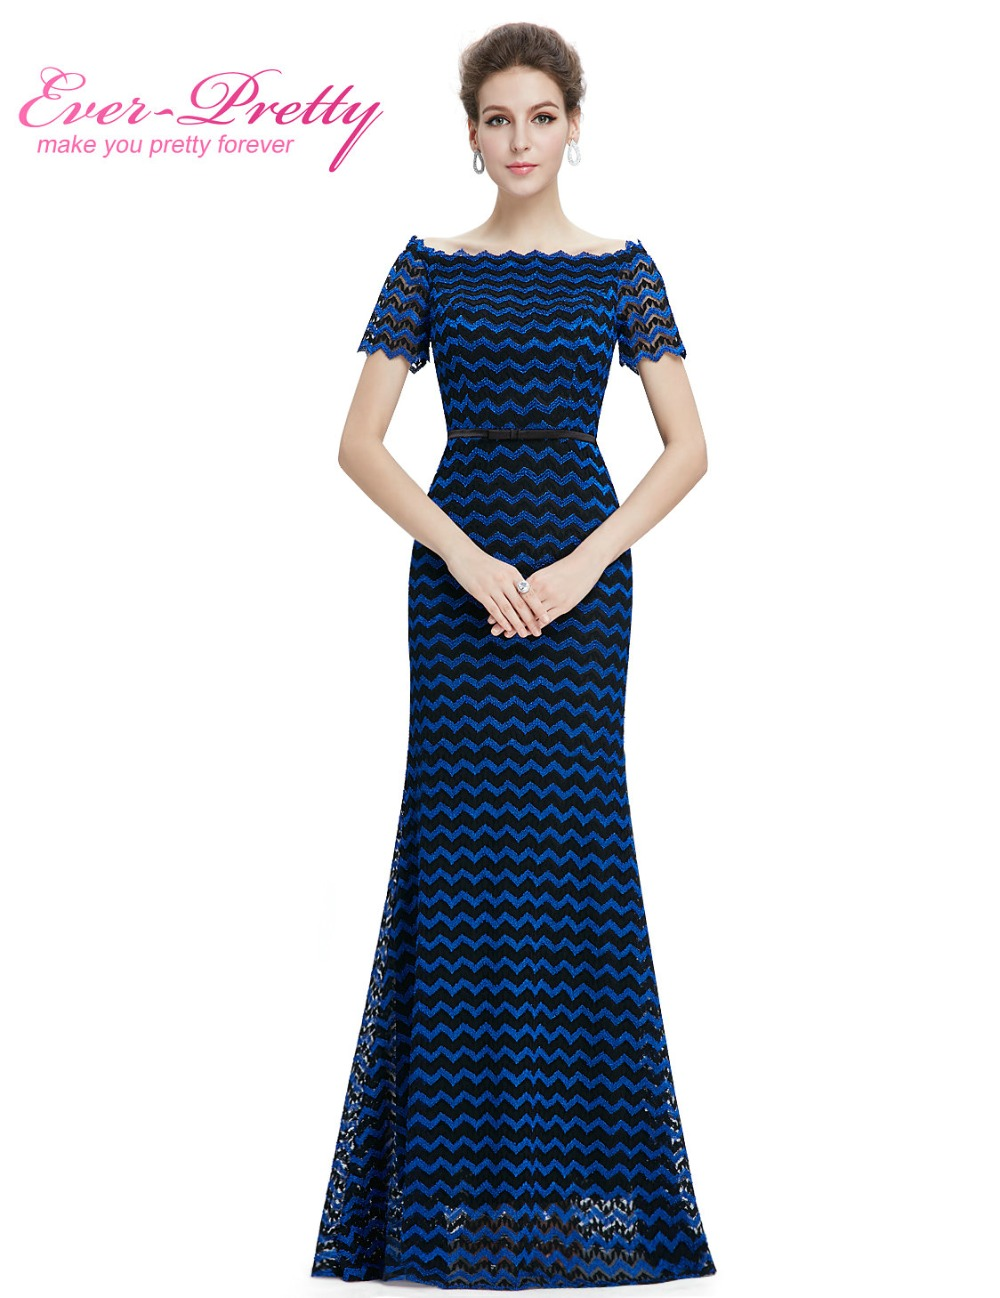 [해외]신부 파티 드레스 2016 여자 &의 우아한 짧은 Retail H..